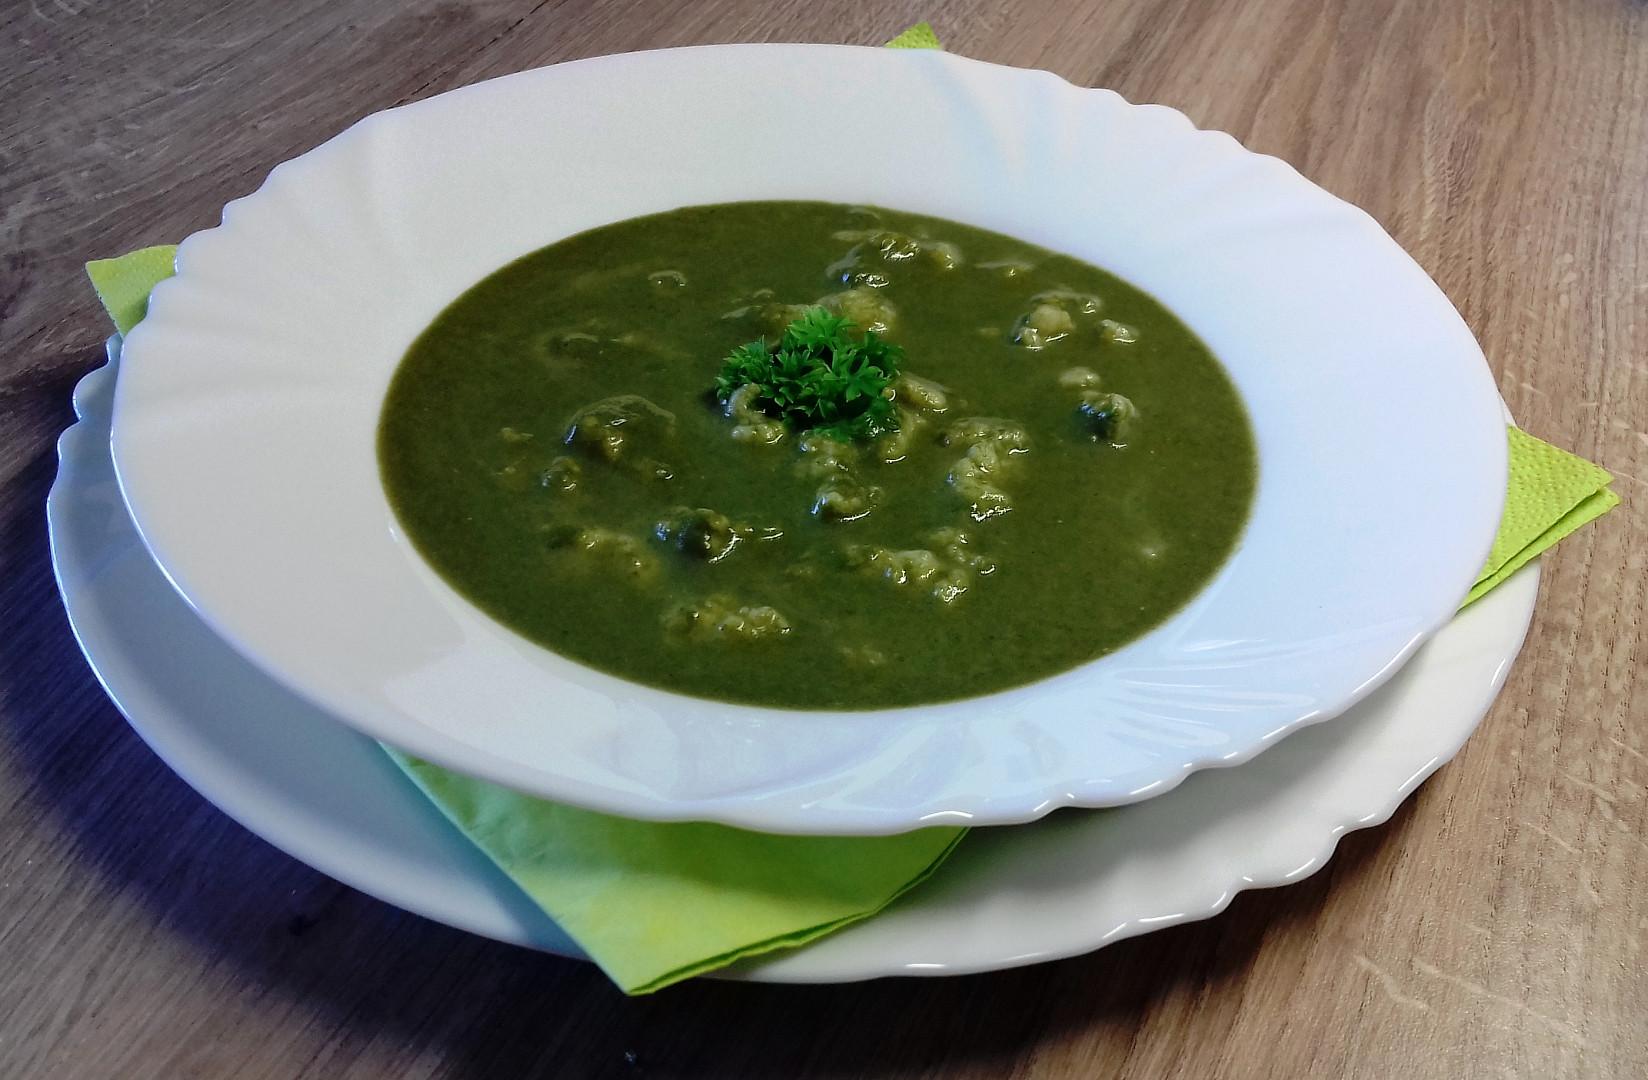 Špenátová polévka s čerstvým sýrem a drožďovými haluškami